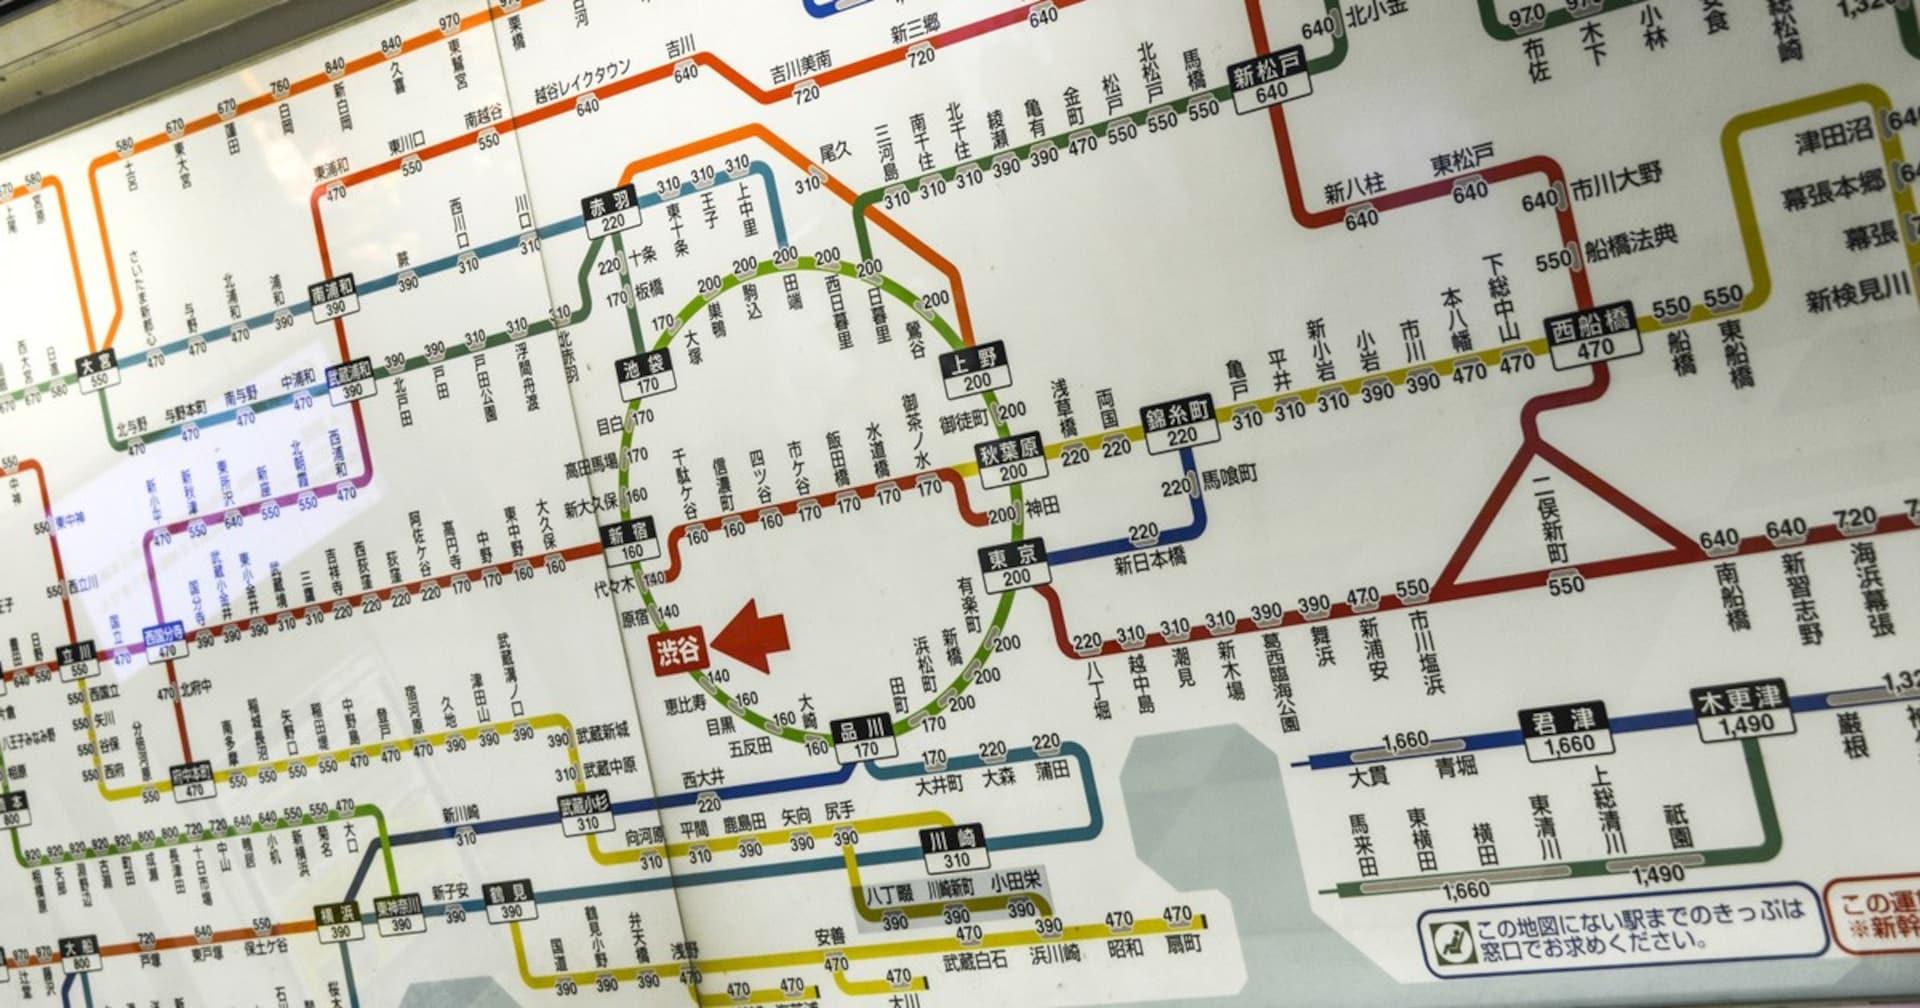 たった140円で合法的に10時間もの「乗り鉄」旅を楽しむ方法とは?